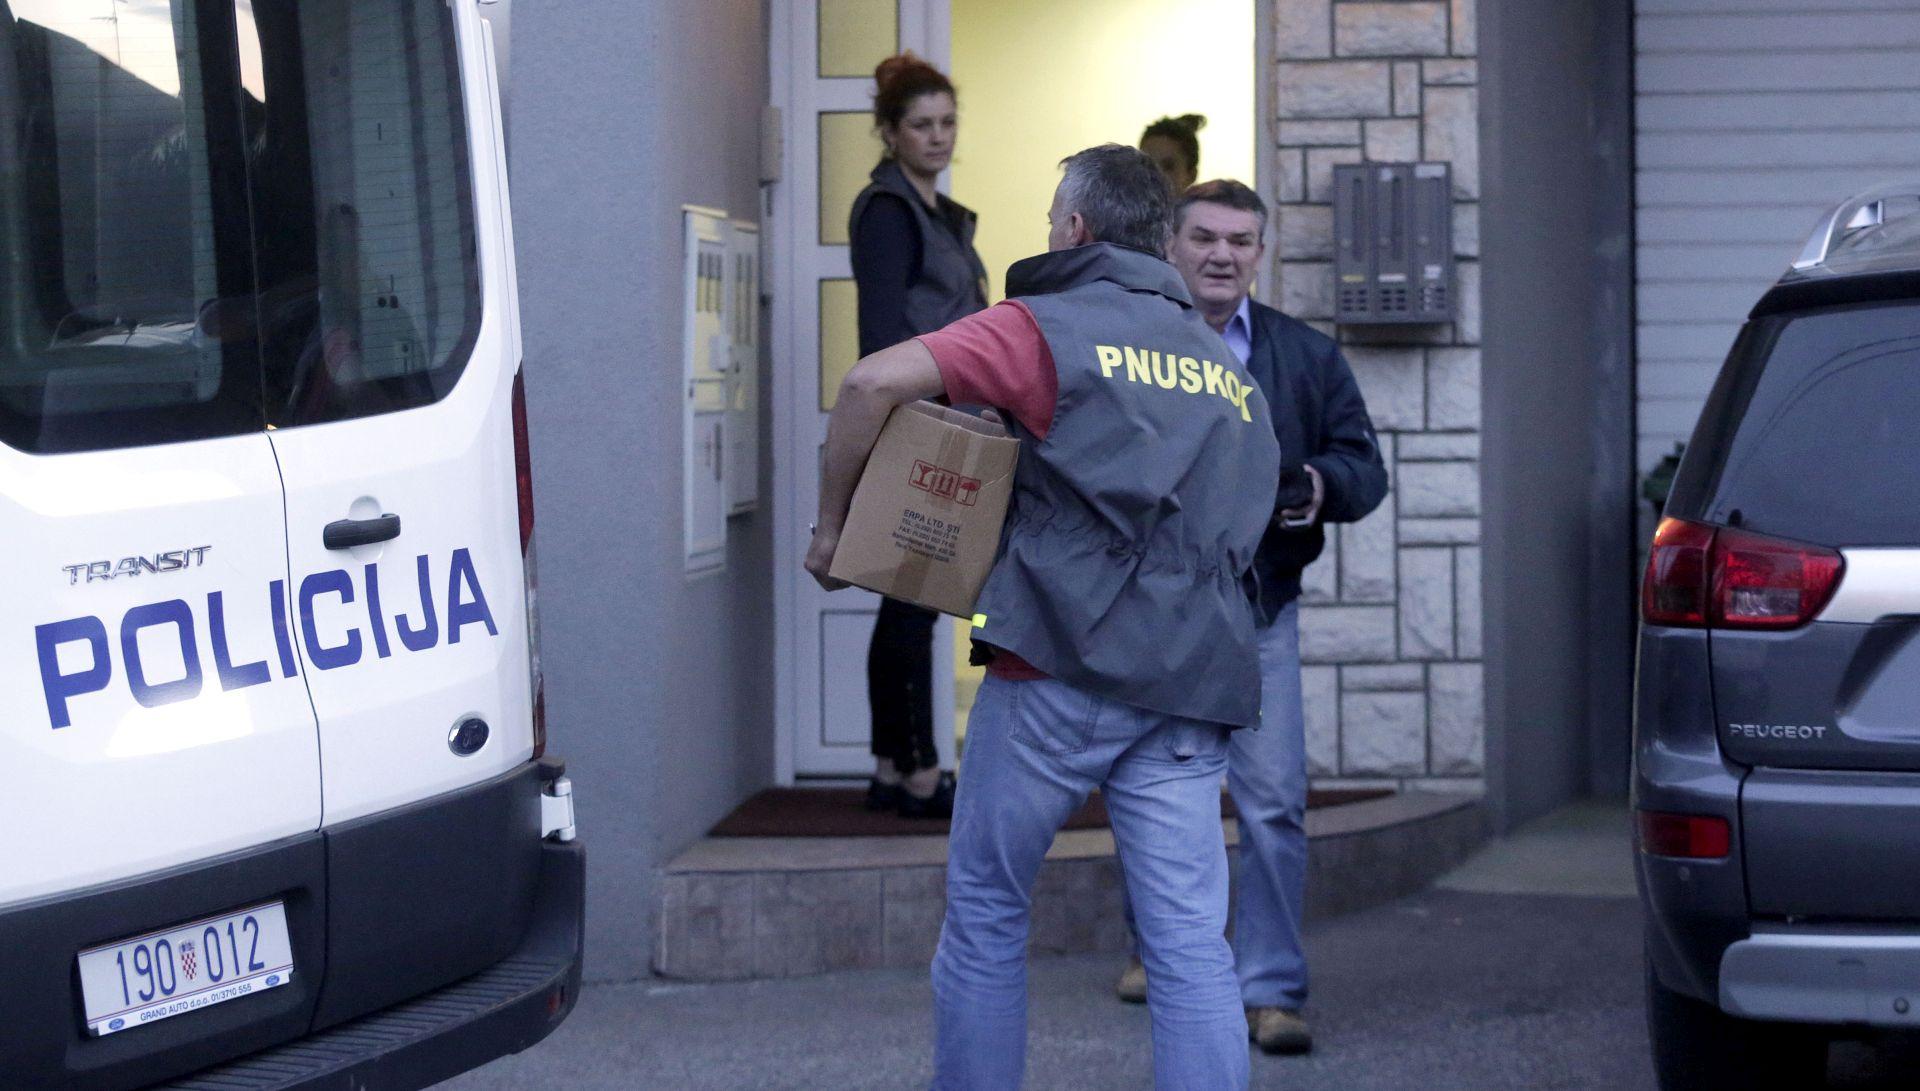 Policija preustrojem želi ojačati administrativno opterećeni PNUSKOK